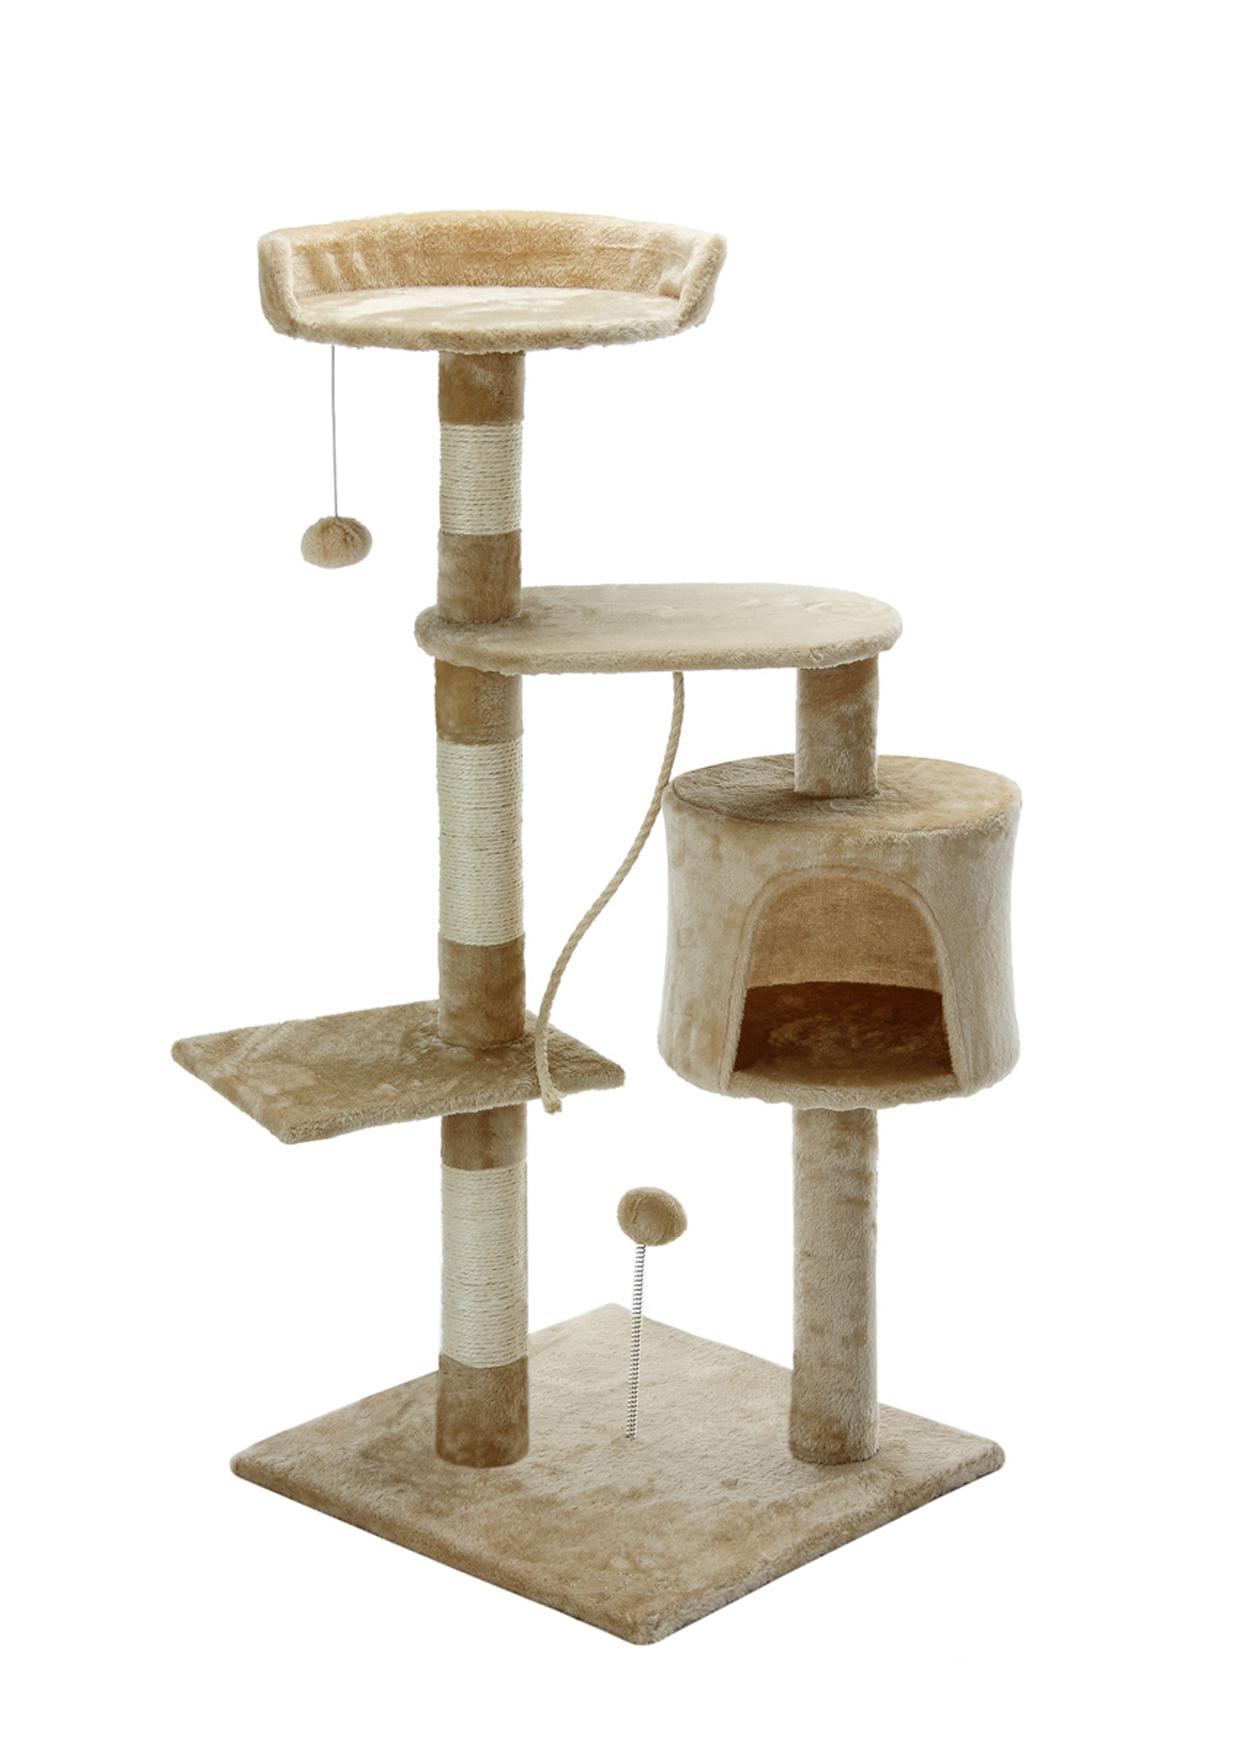 kratzbaum pico beige dietschys gmbh. Black Bedroom Furniture Sets. Home Design Ideas